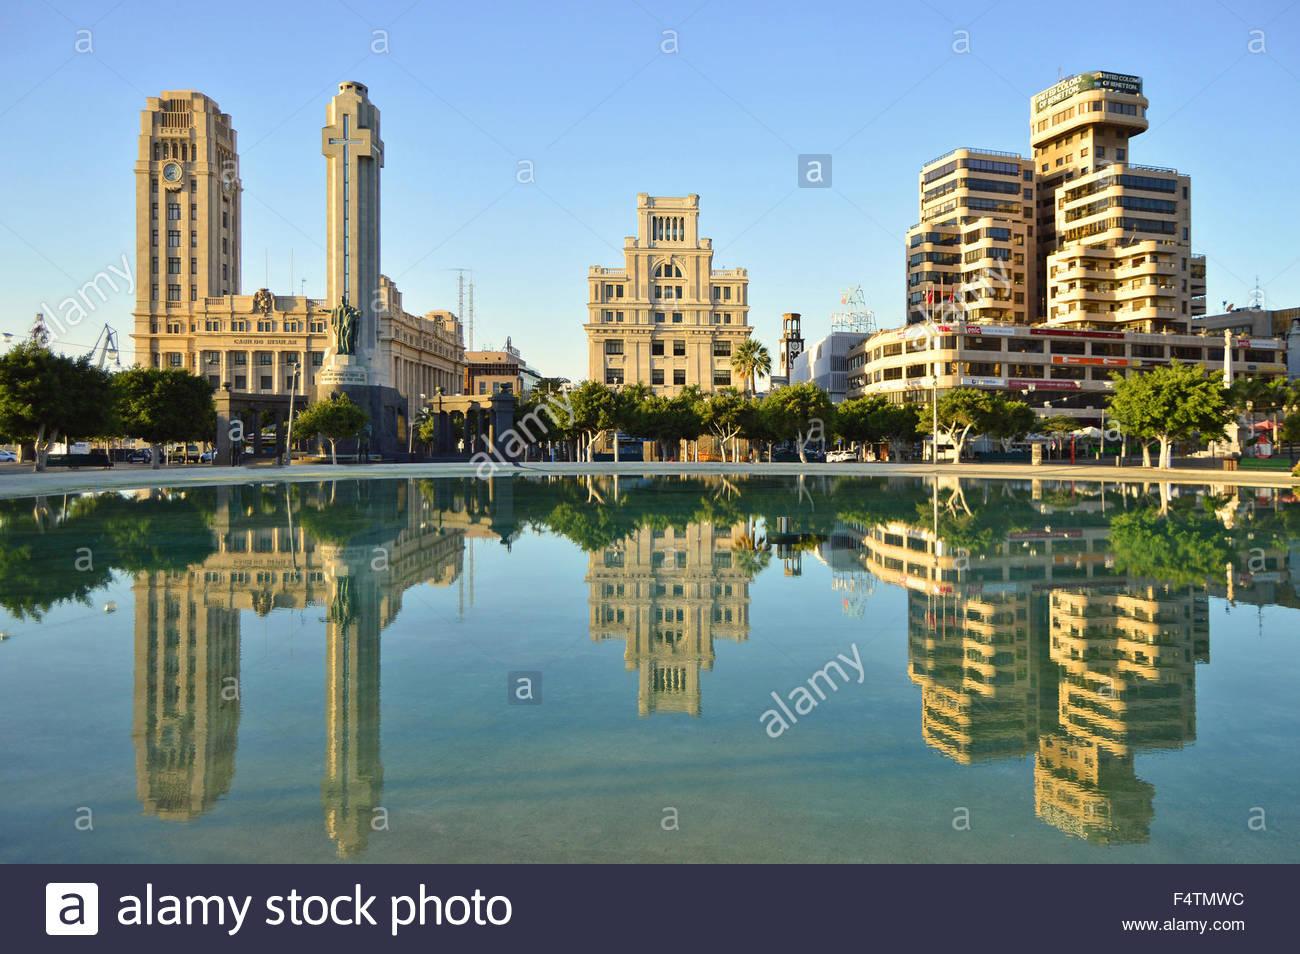 Plaza de España (Spanien Platz) Wasserreflexion, Stadtzentrum von Santa Cruz De Tenerife, Kanarische Inseln Stockbild